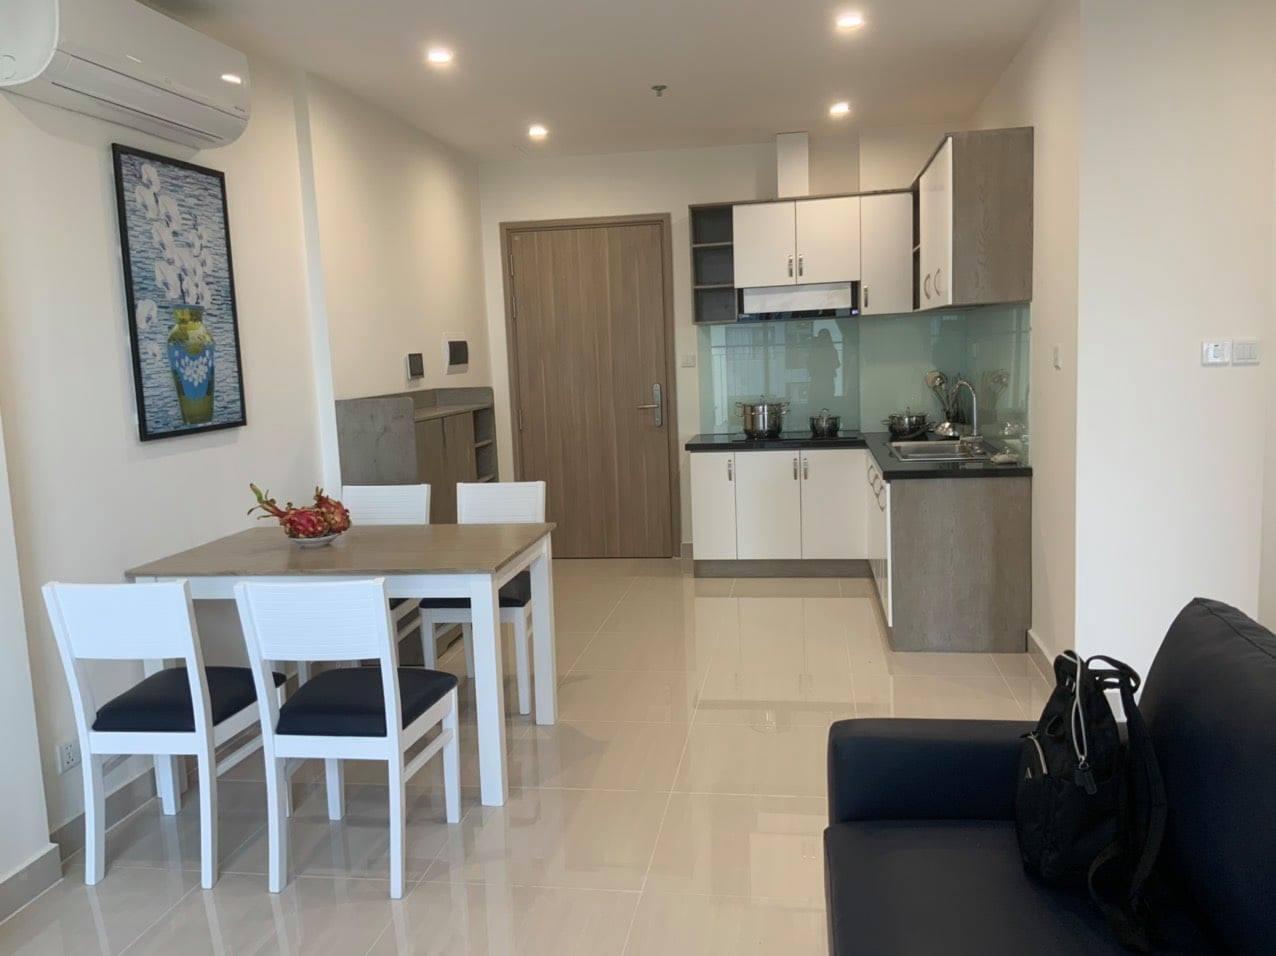 Cho thuê Căn hộ 2 phòng ngủ Vinhomes grand park có nội thất 6,3tr/tháng